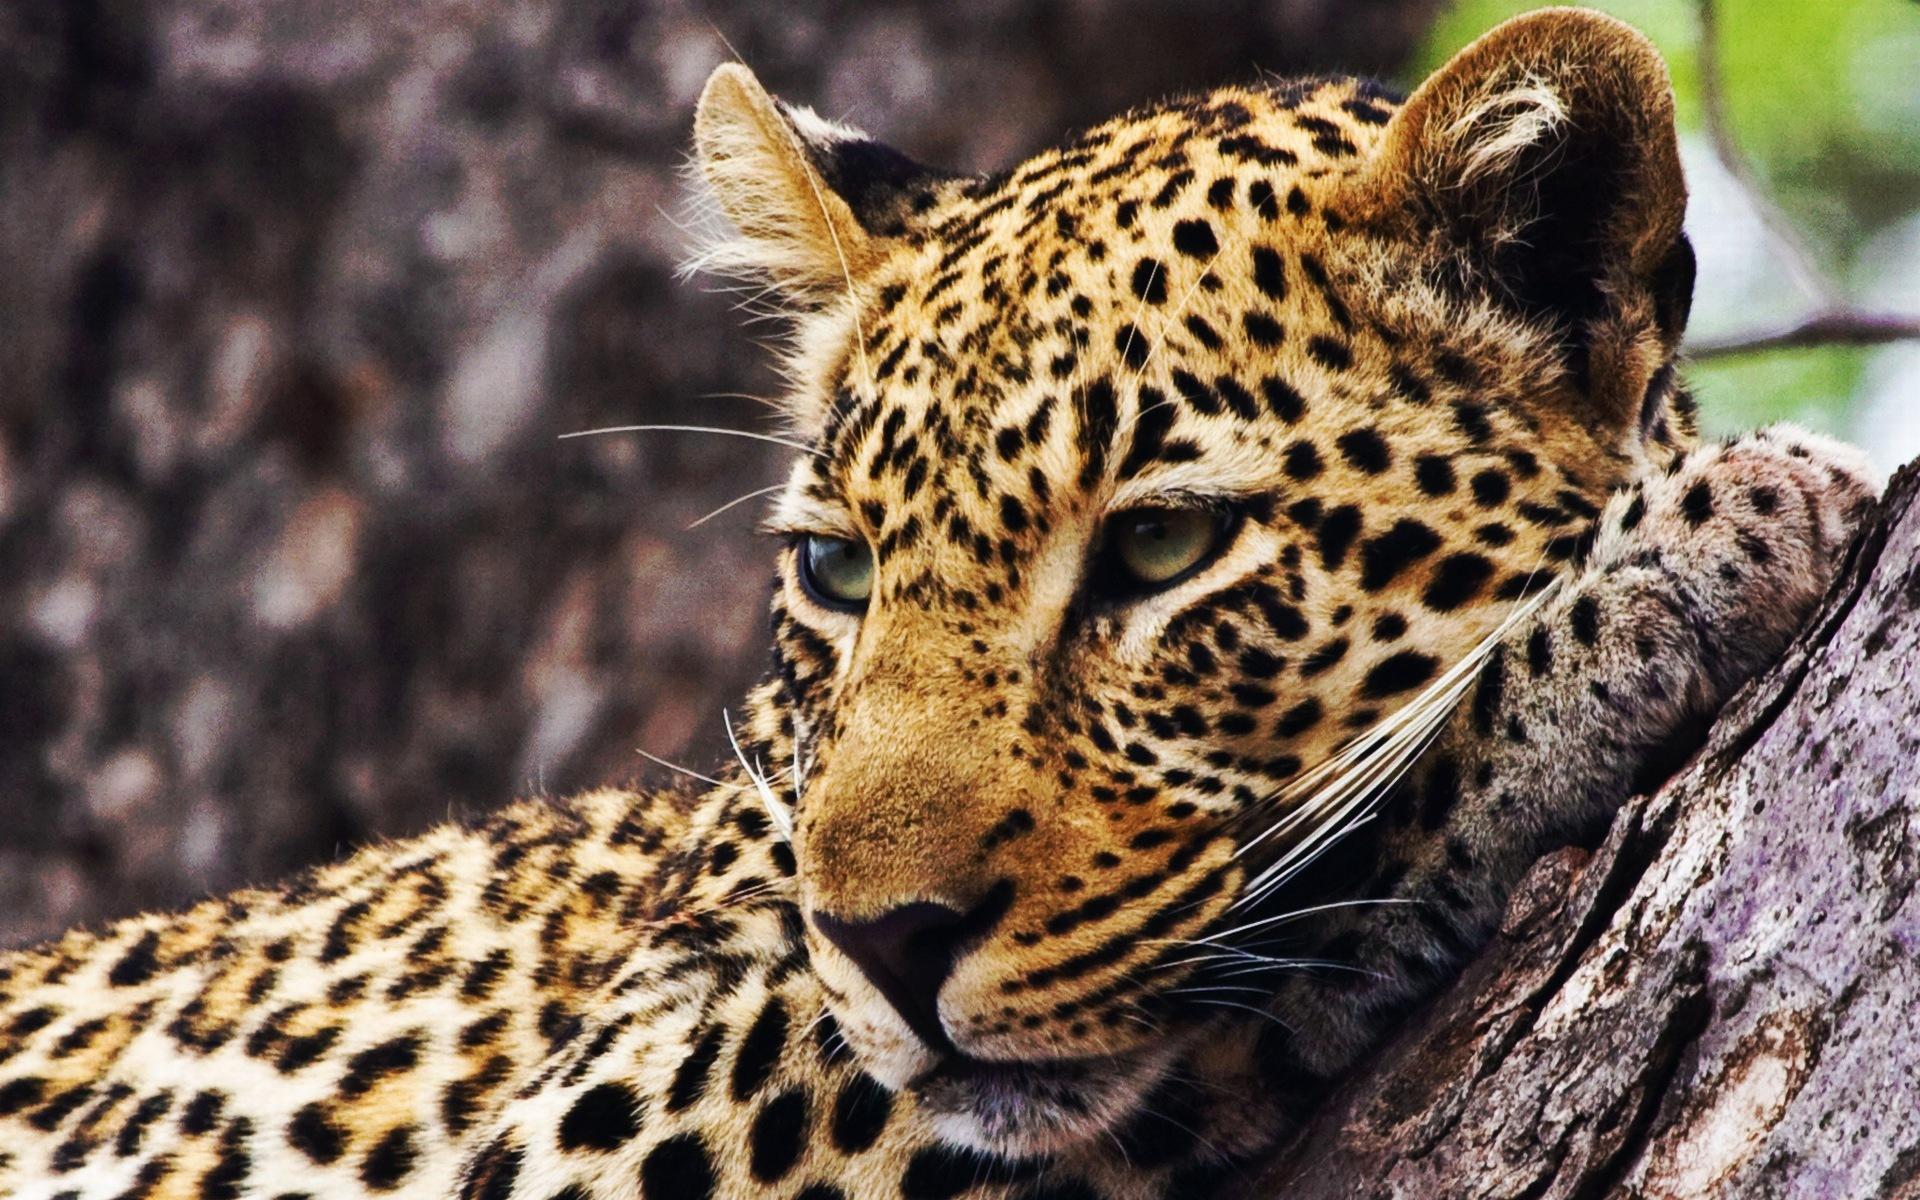 Cheetah Photos Animals Hd Wallpapers Free Download: Cheetah Wallpapers Wallpapers High Quality